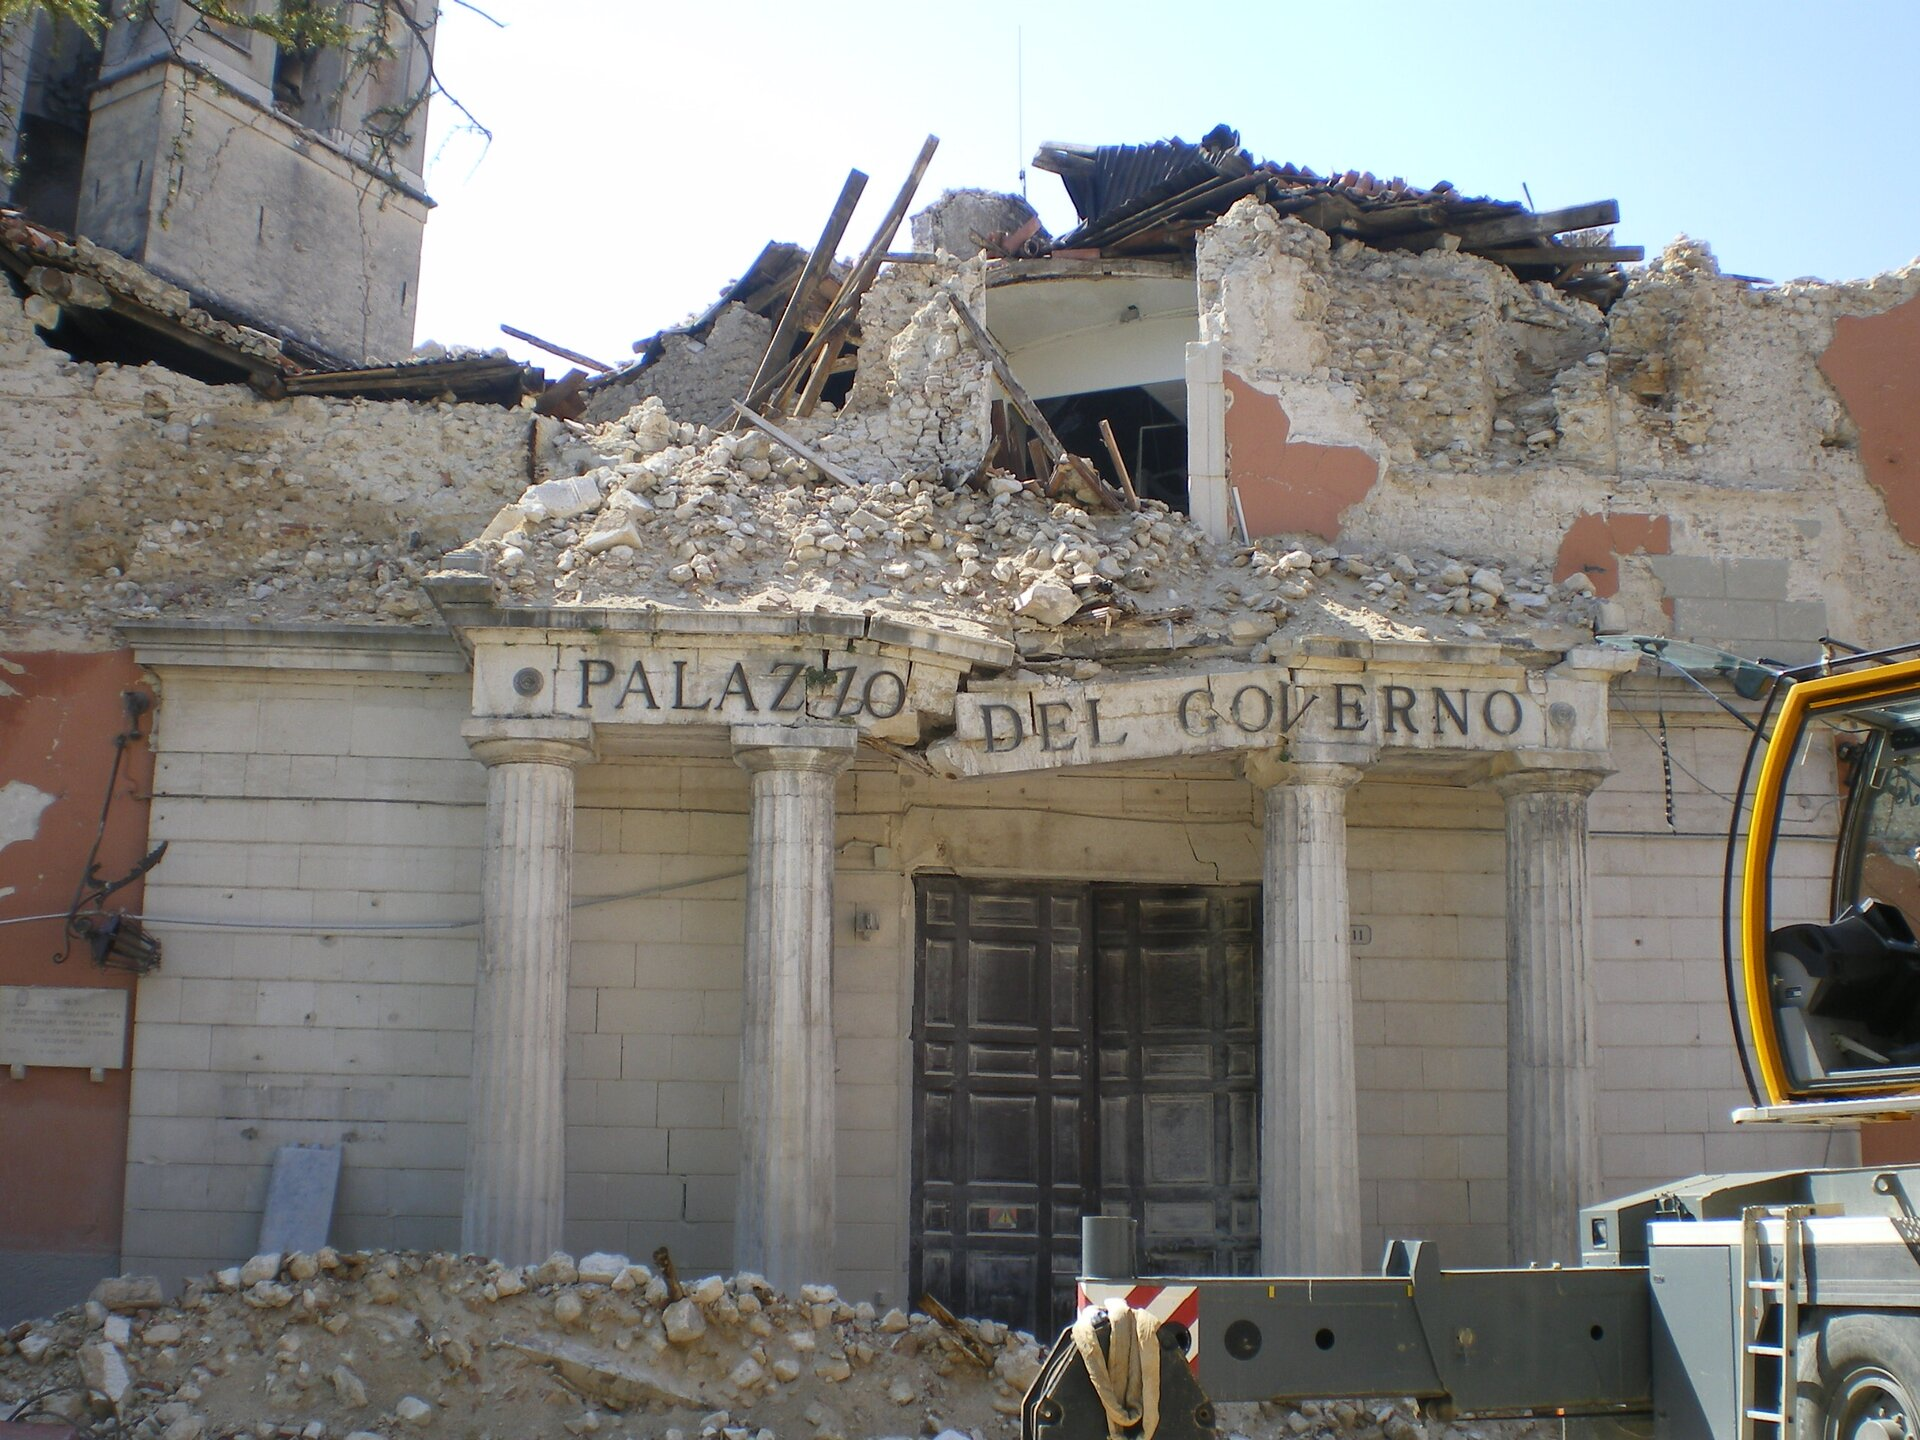 Na zdjęciu zawalony budynek, ocalał parter, przed budynkiem zwały gruzu.